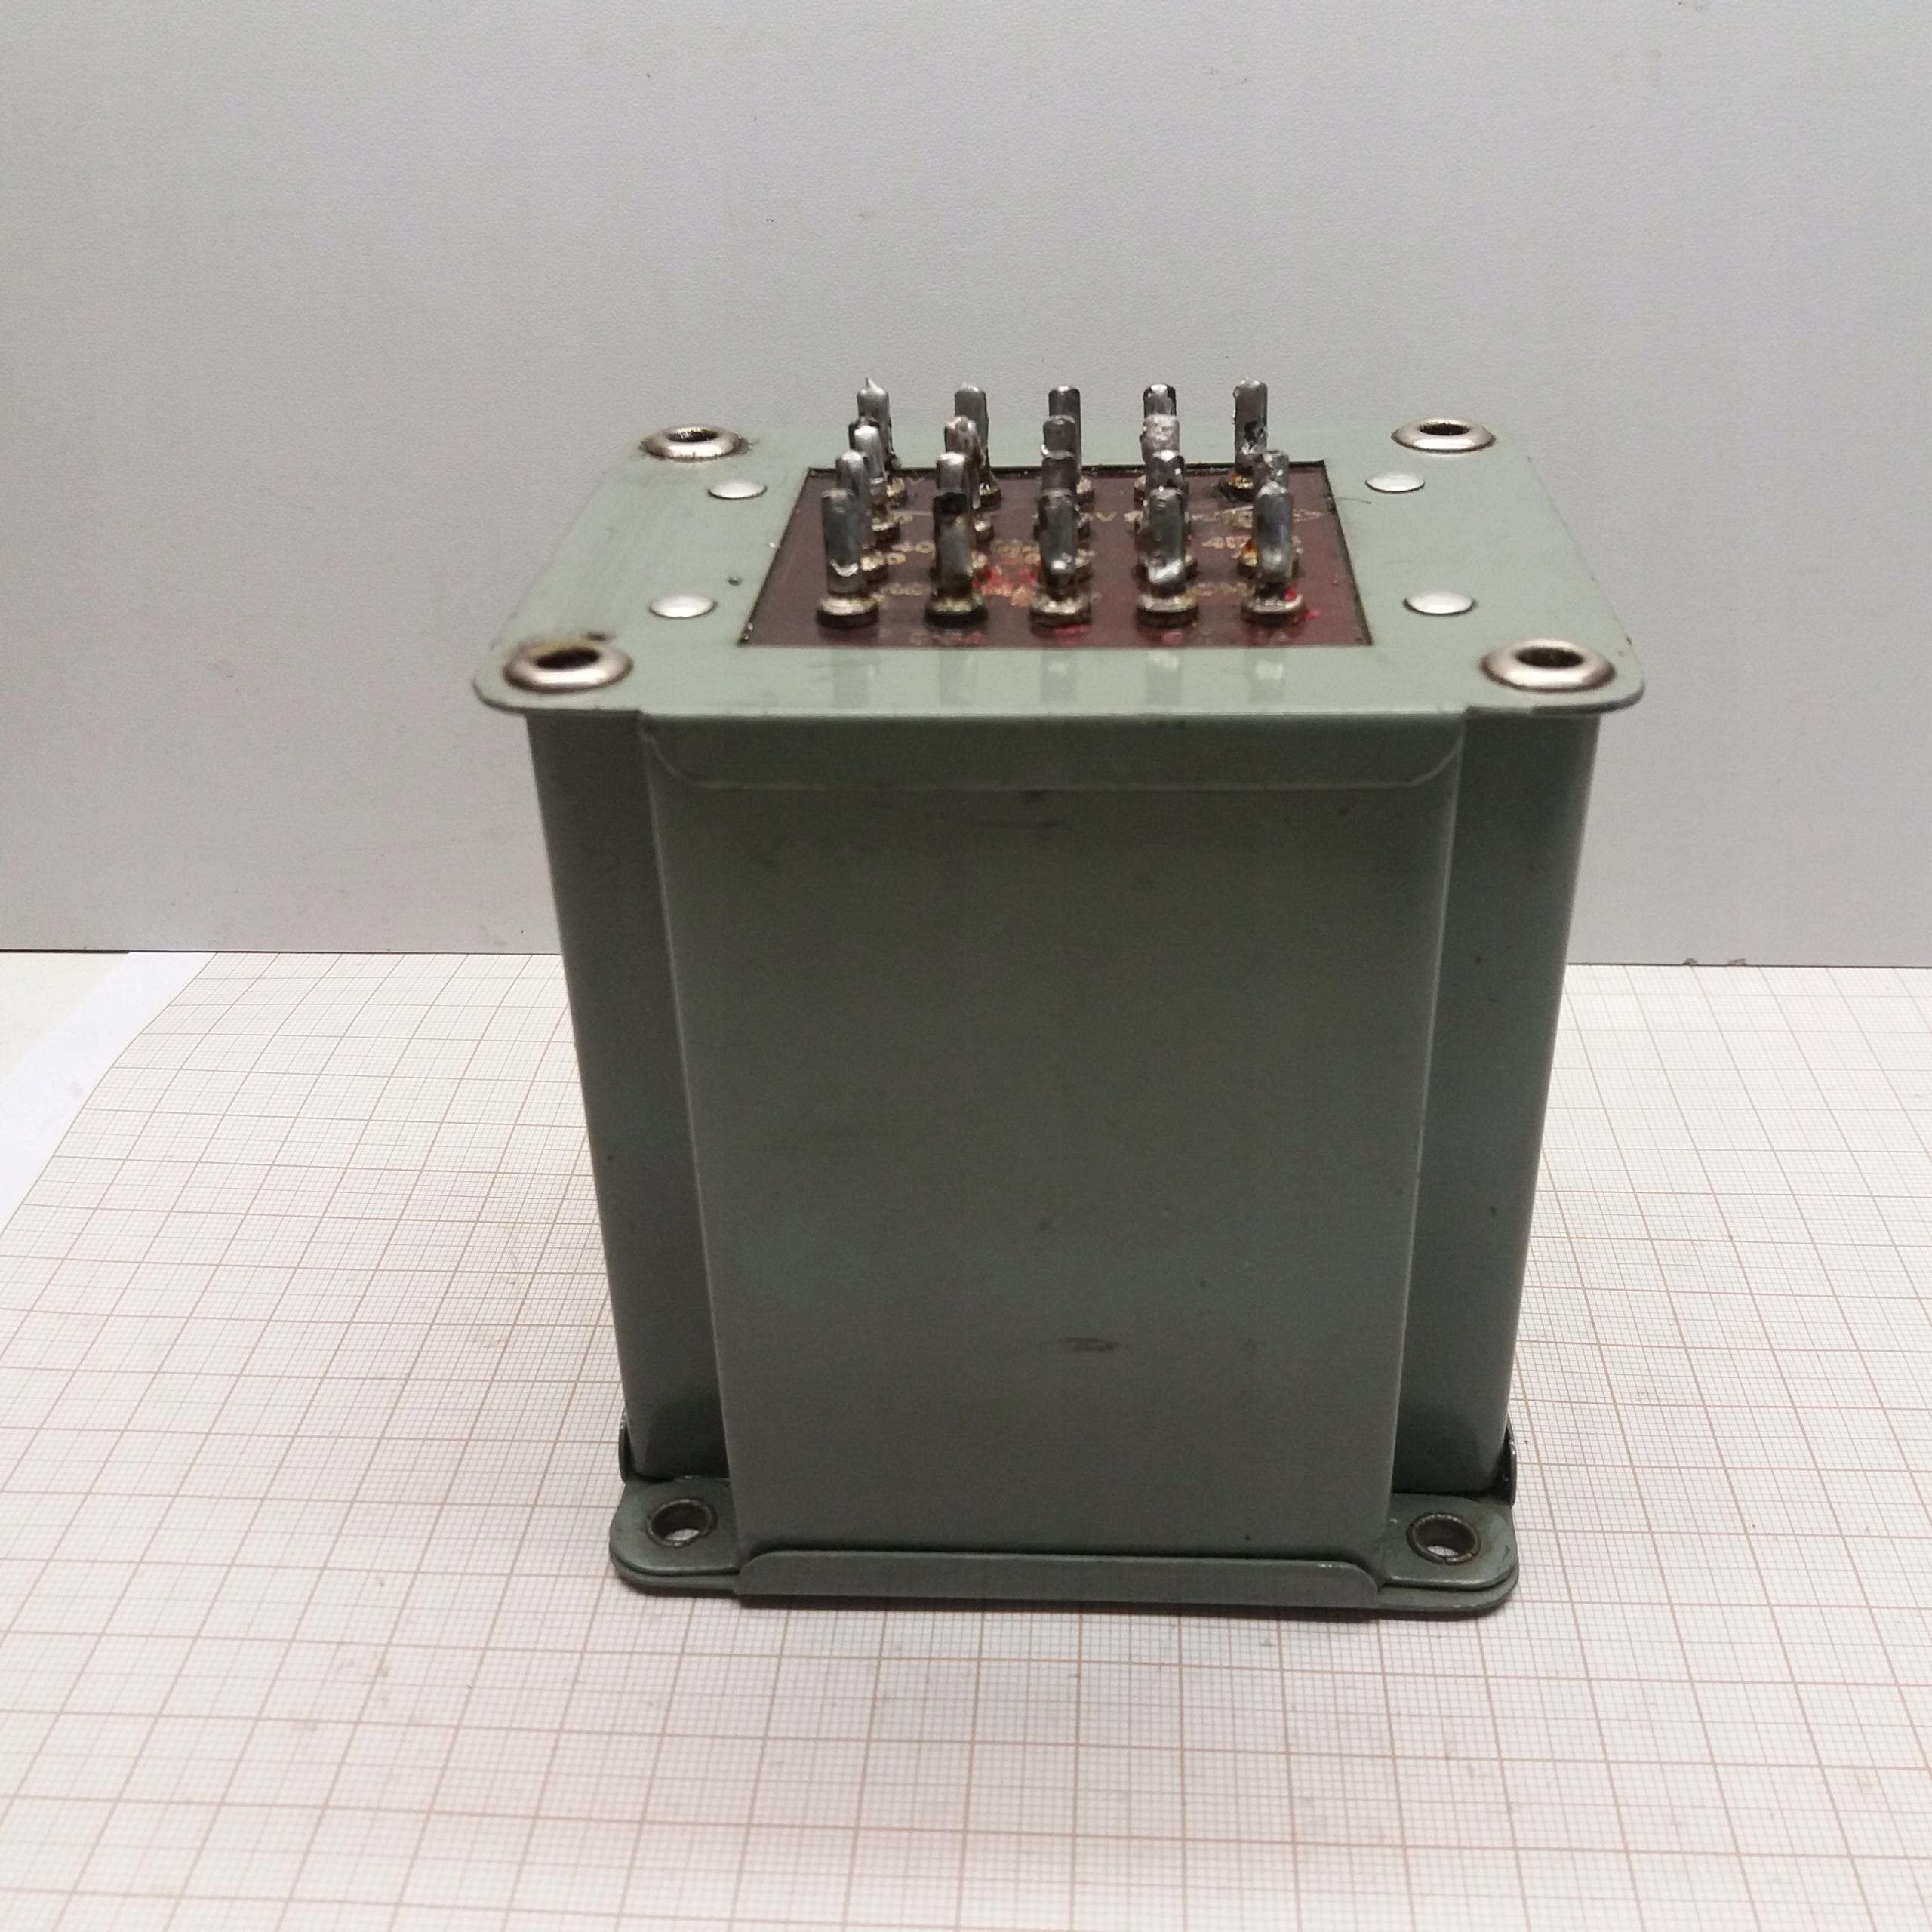 Transformator U1-220V U2-4x200V/40V/2x3,15V/6,3V